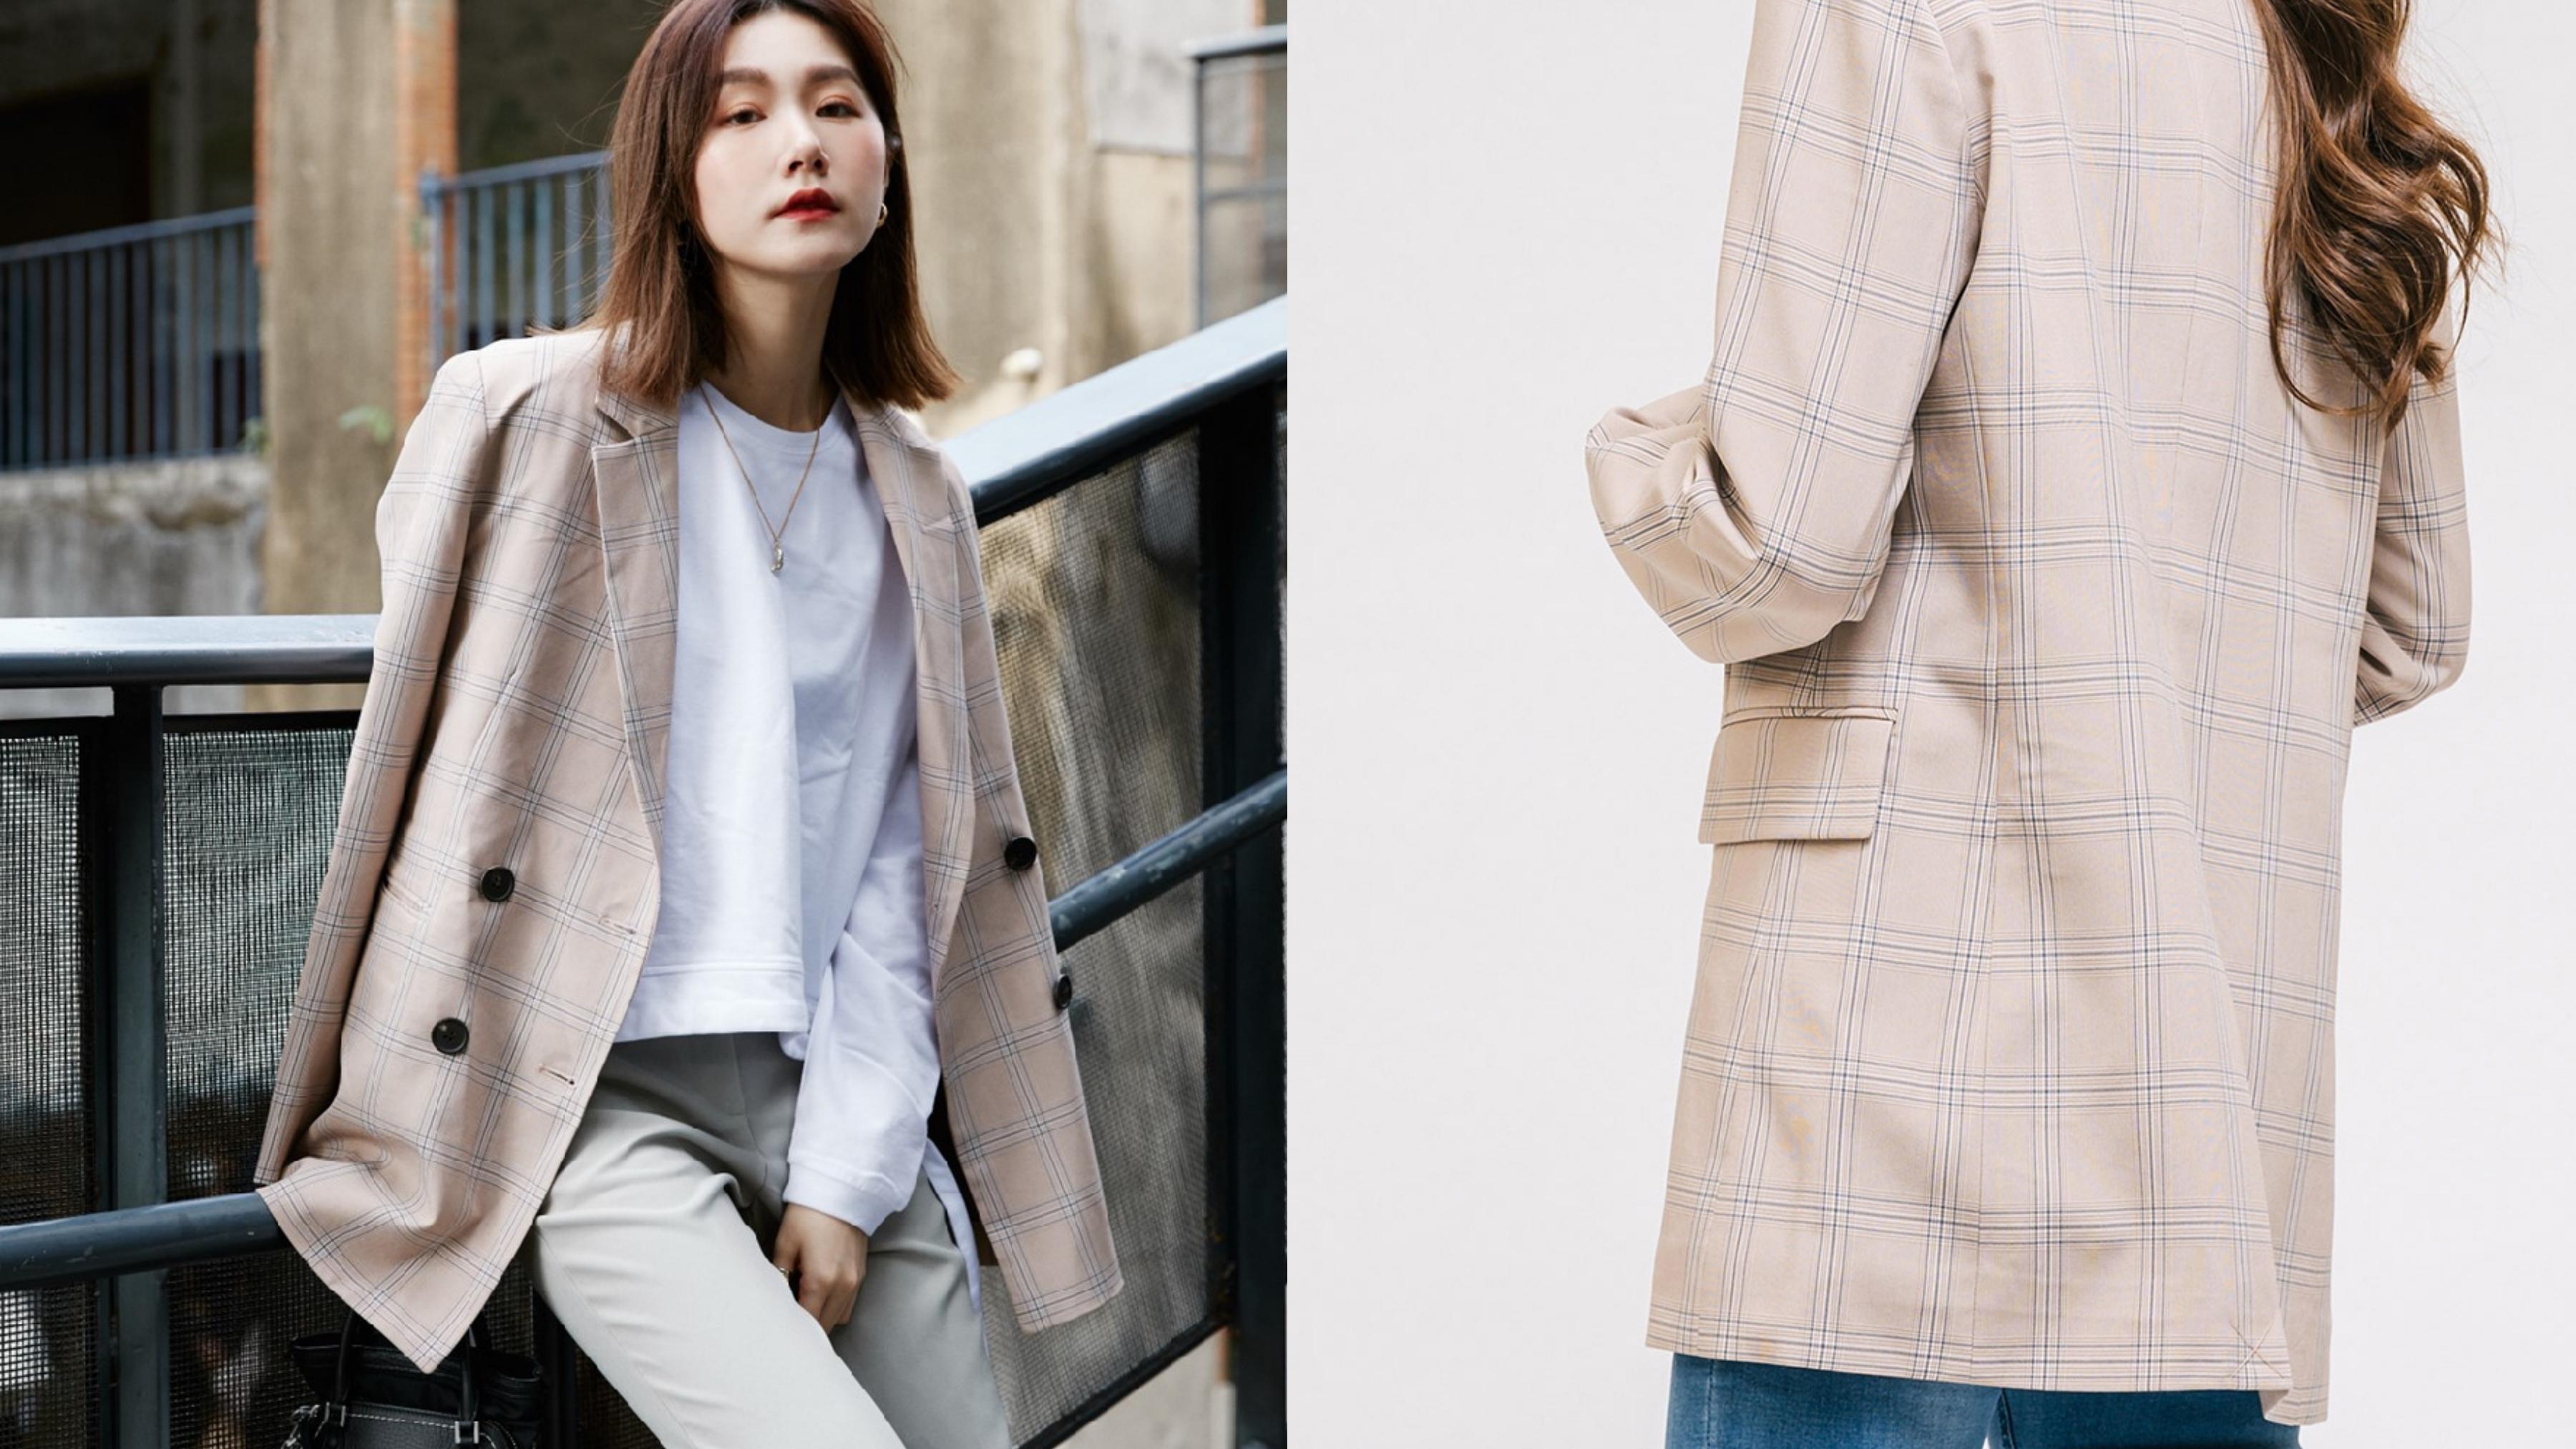 格紋+西裝版型,簡直就是韓劇女主角基本款